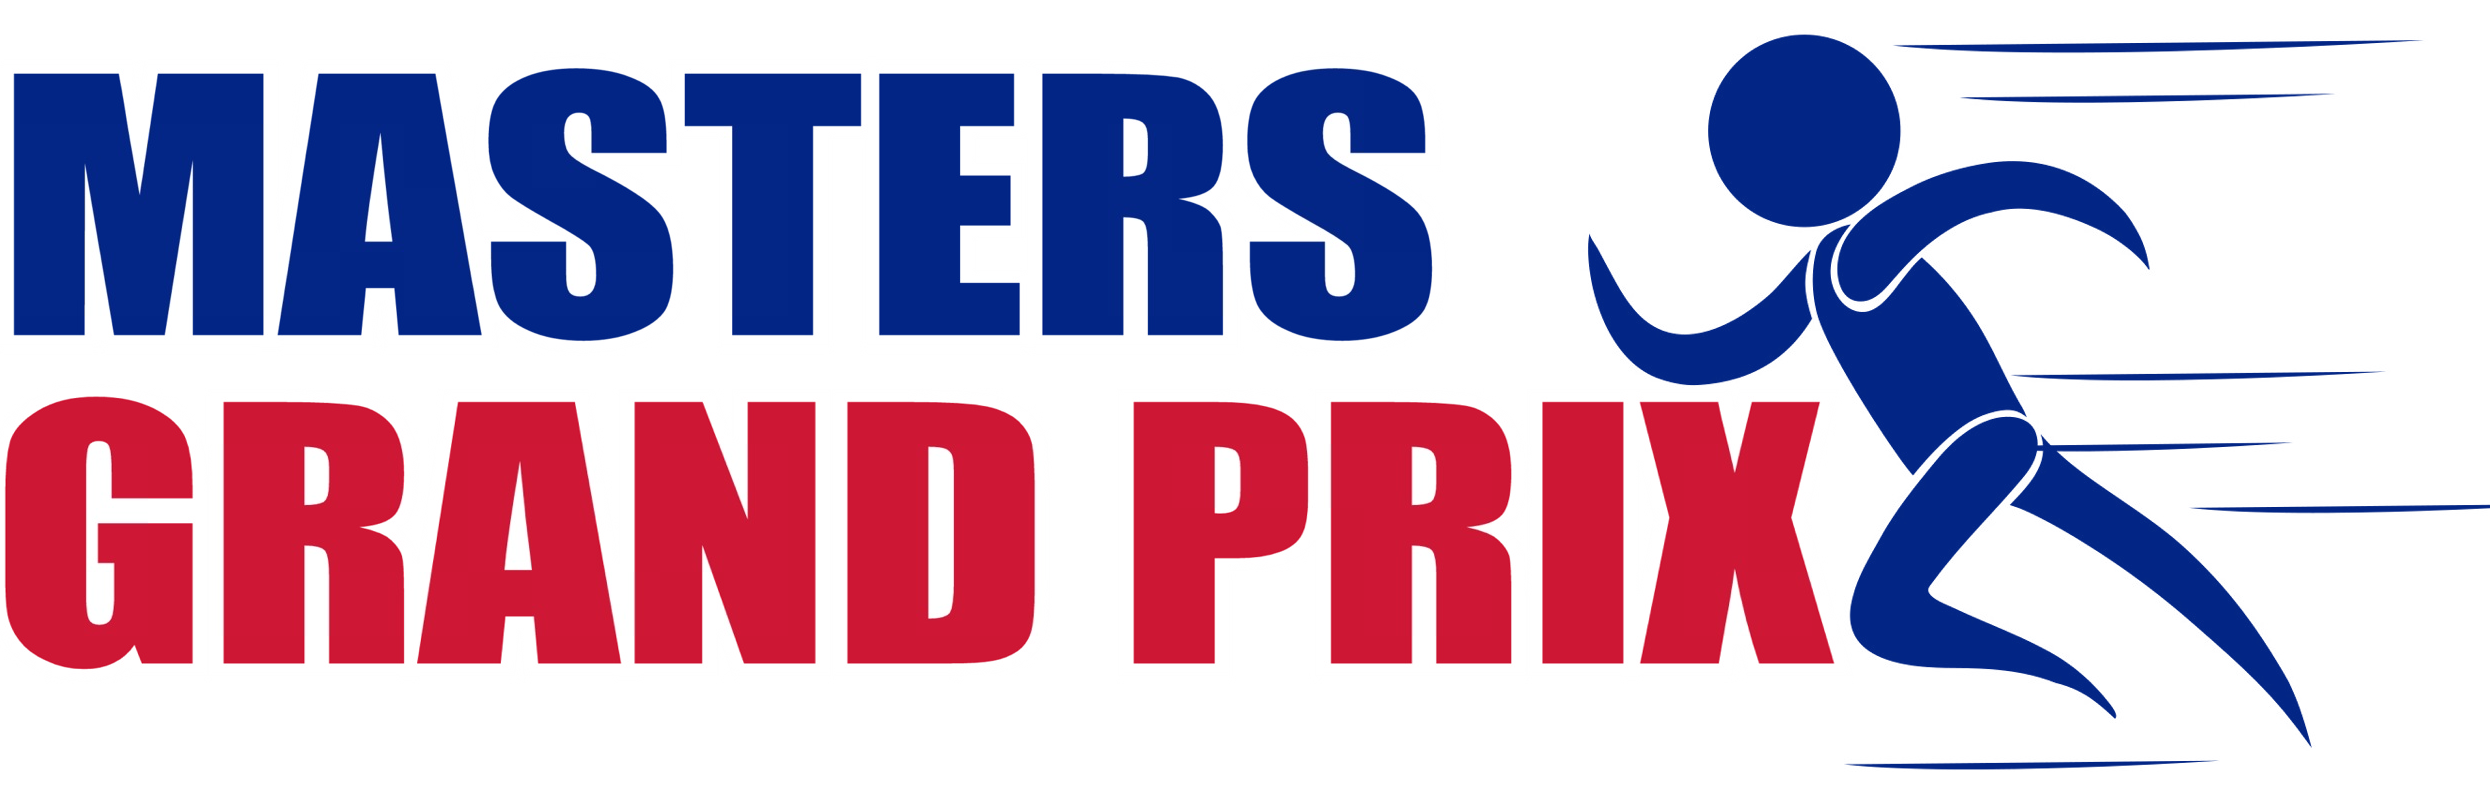 Masters Grand Prix